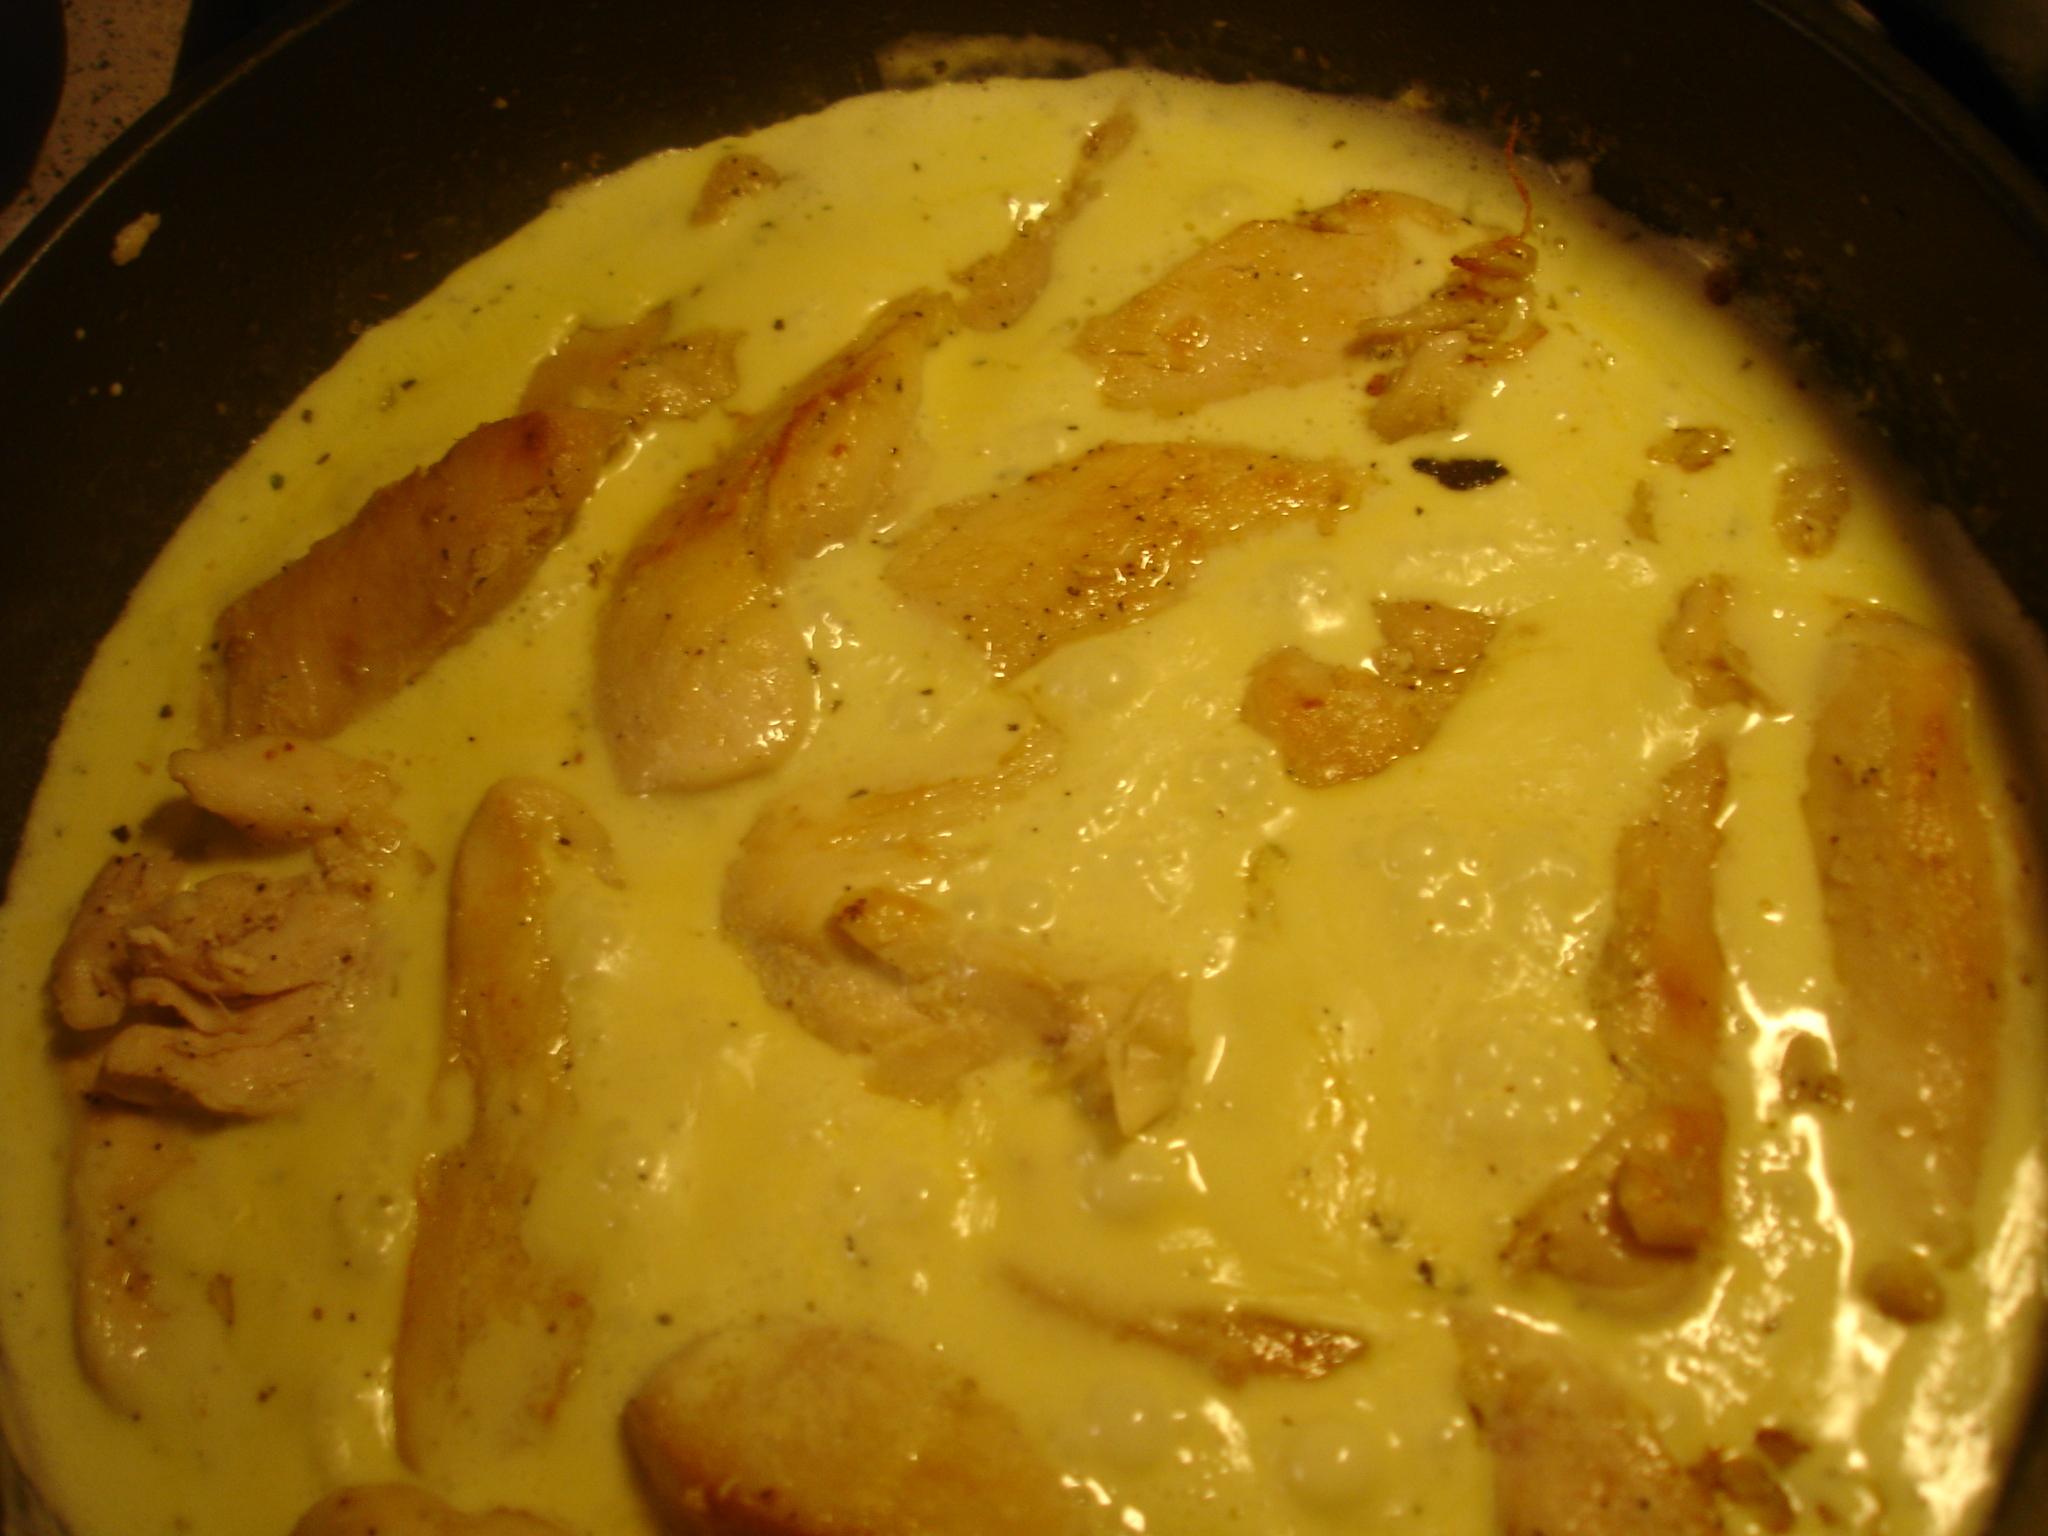 kyckling grädde vitlök oregano balsamvinäger